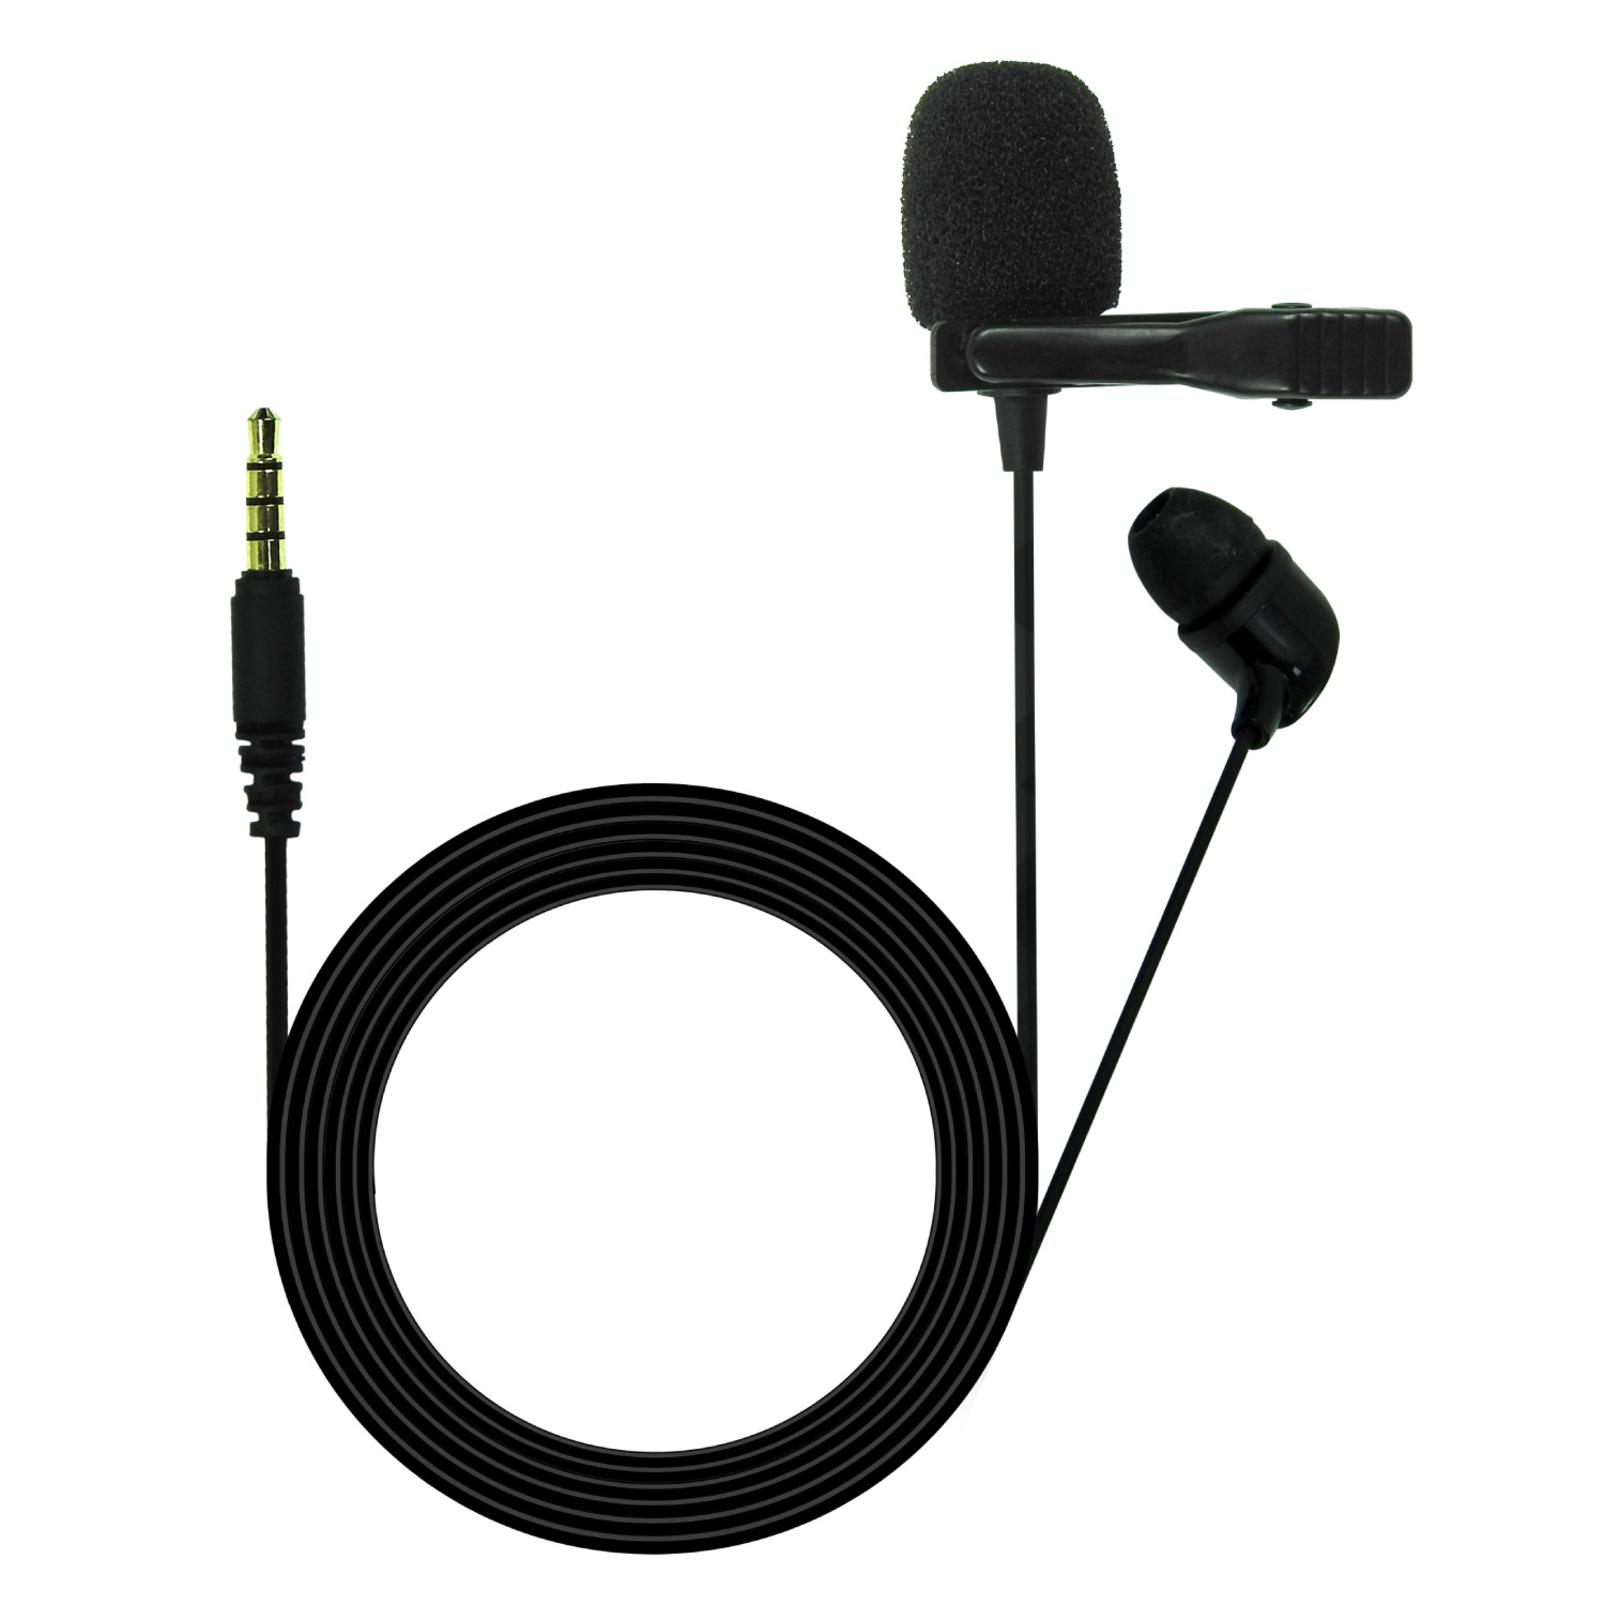 JBLCSLM20 - Black - Lavalier Microphone with Earphone - Hero